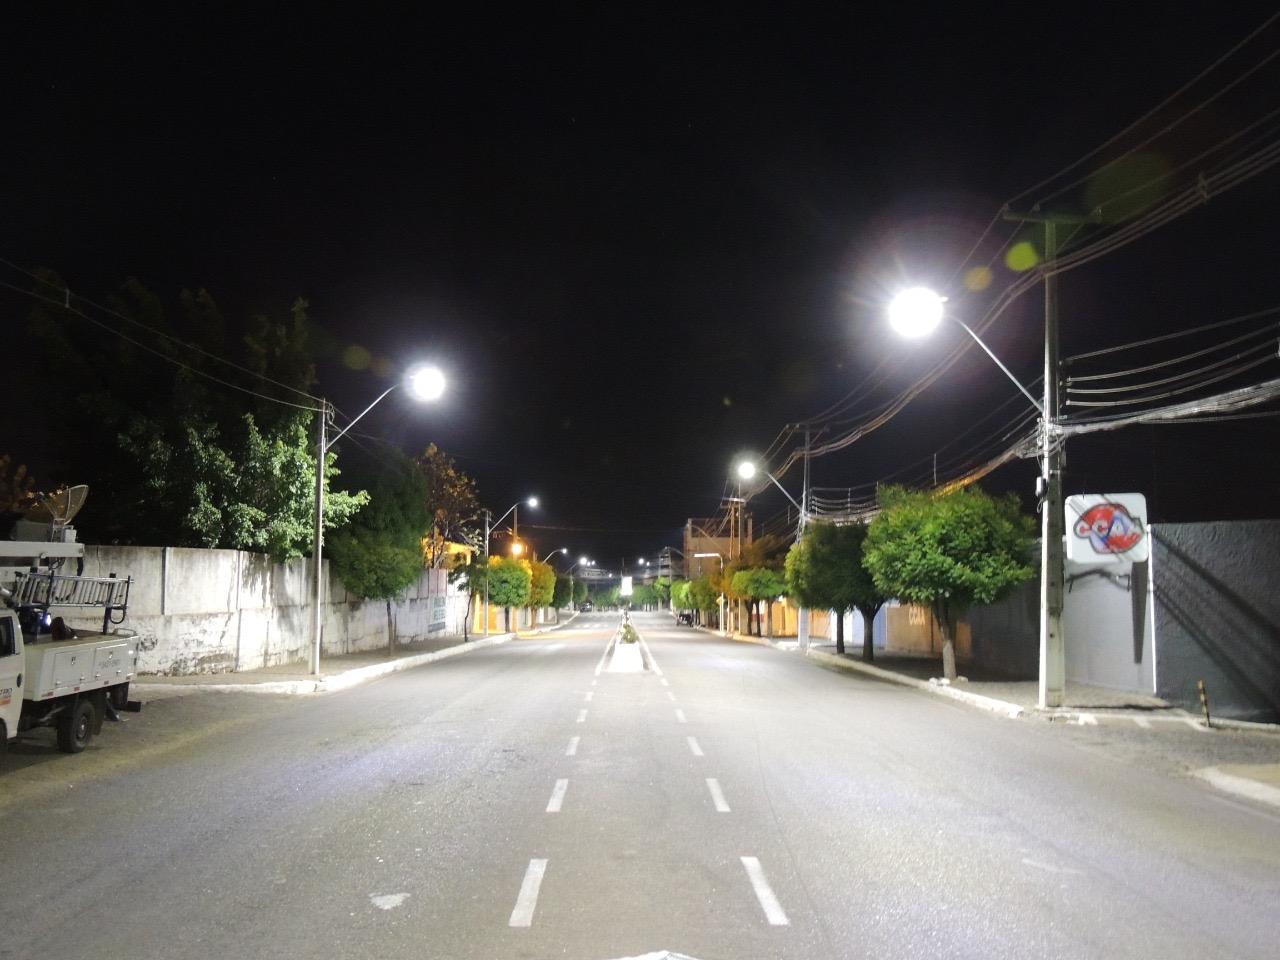 0daeff94 2174 46be 9426 fd80a2540fc1 - População de Monteiro, Congo e Cajazeiras é beneficiada com renovação da iluminação pública